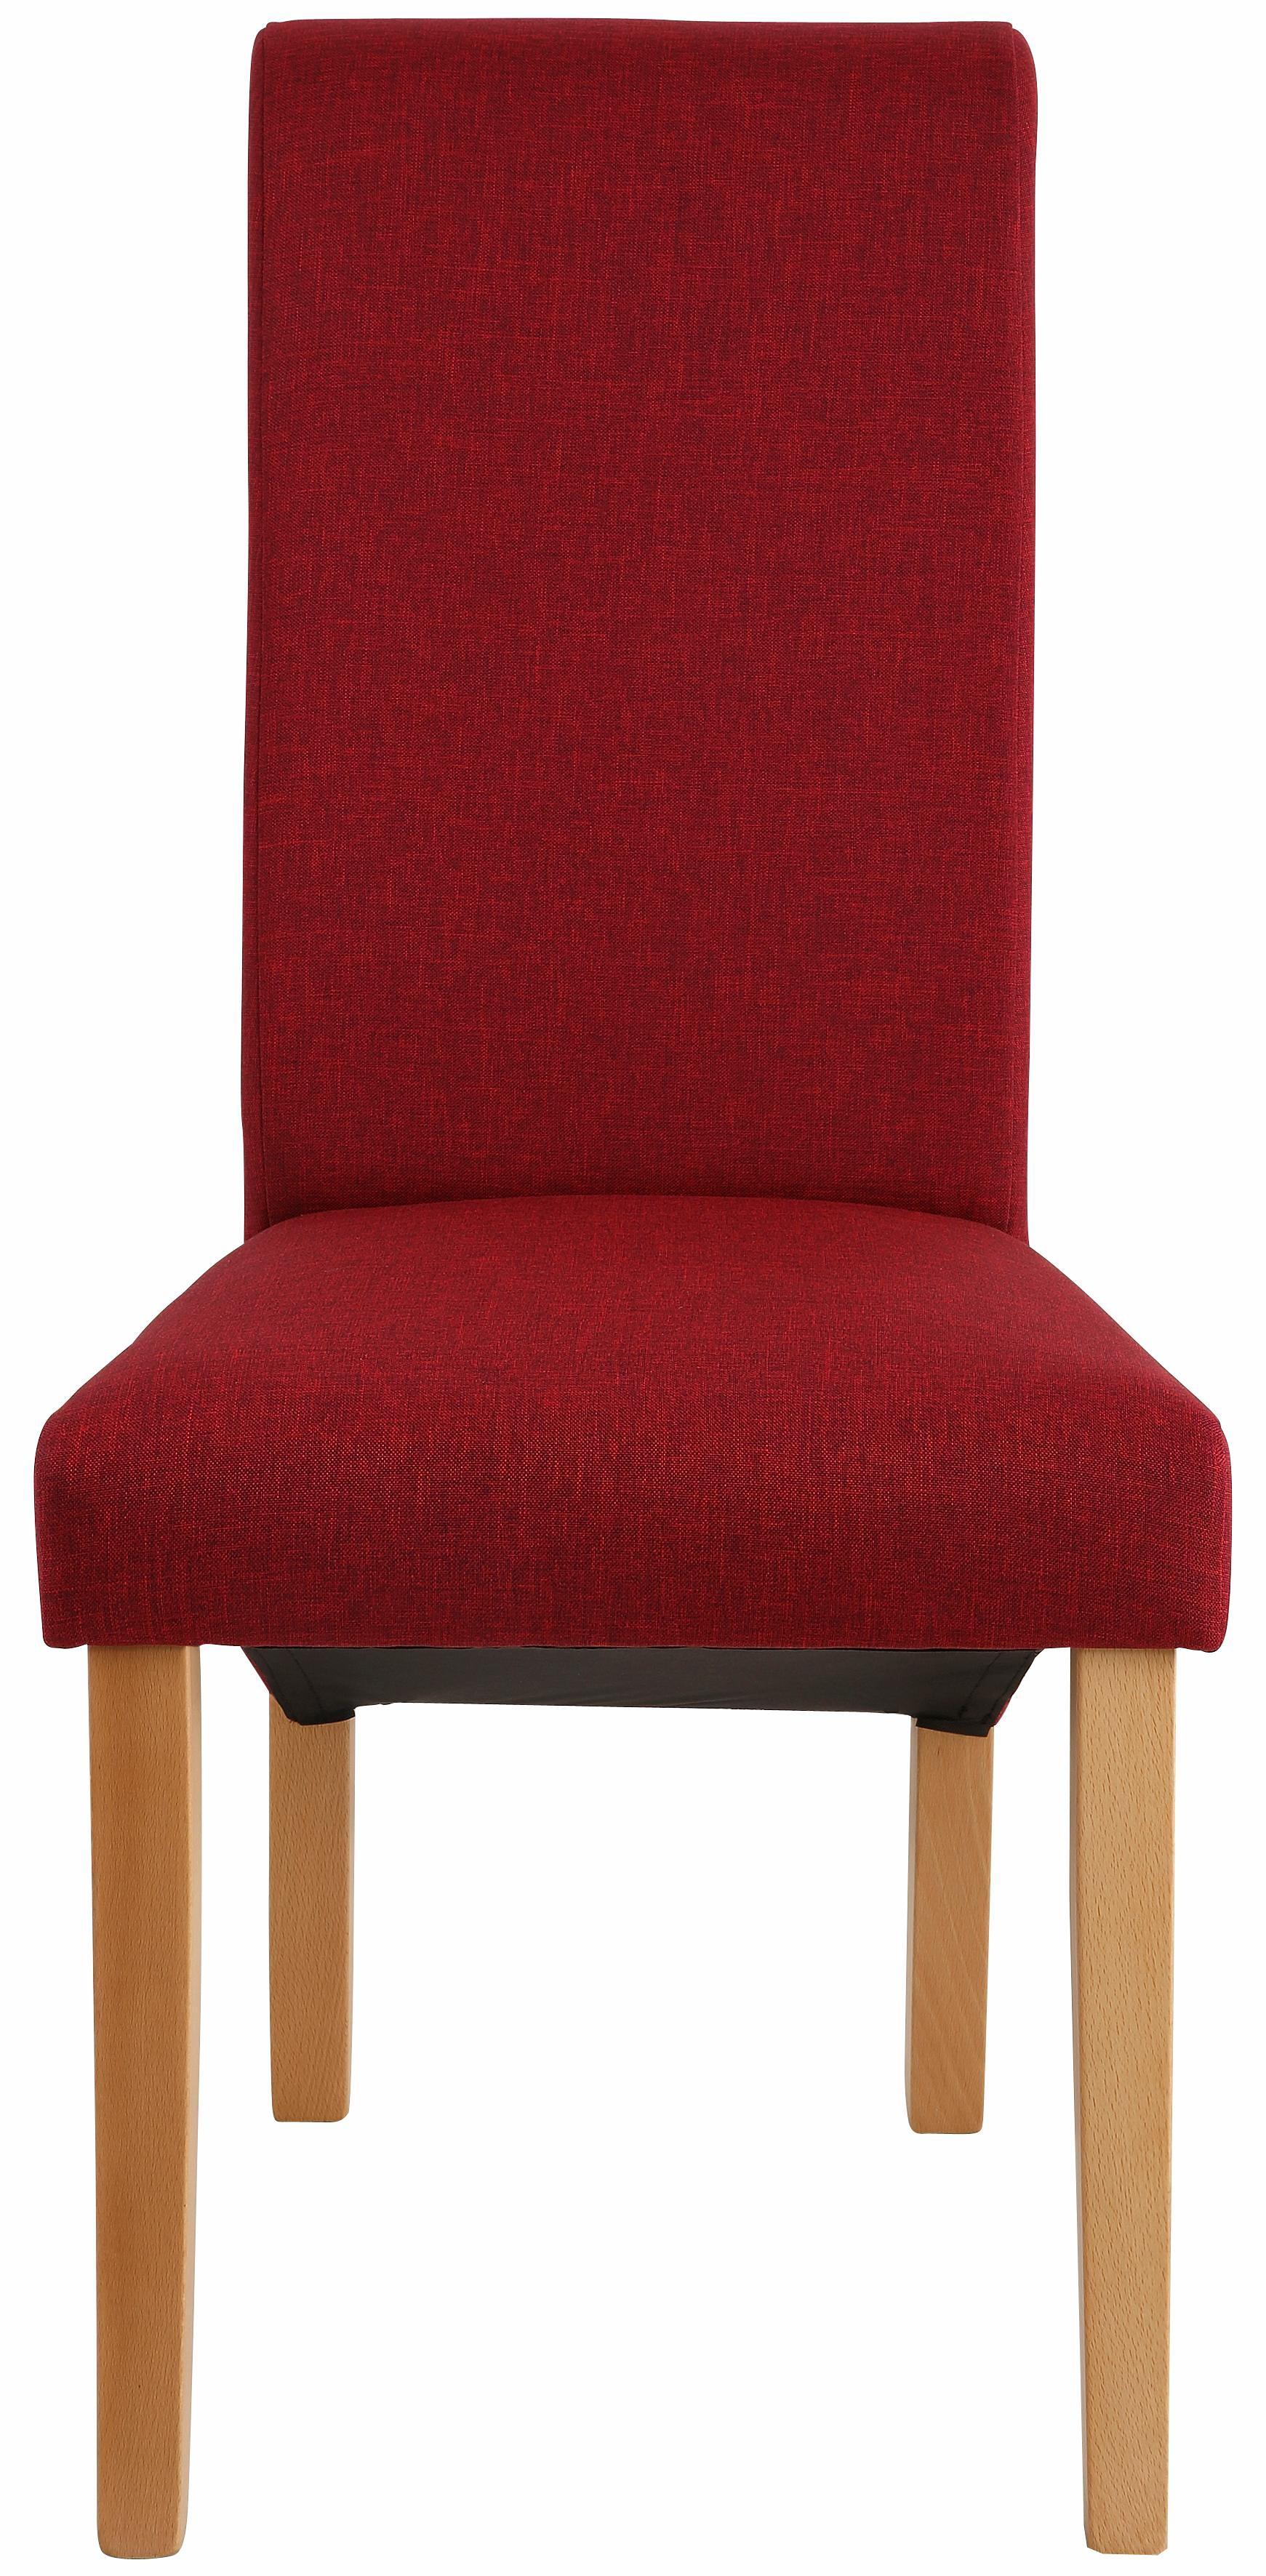 Home Affaire stoel »Rito Tiago«, met structuurstof, in set van 2, 4 of 6 online kopen op otto.nl